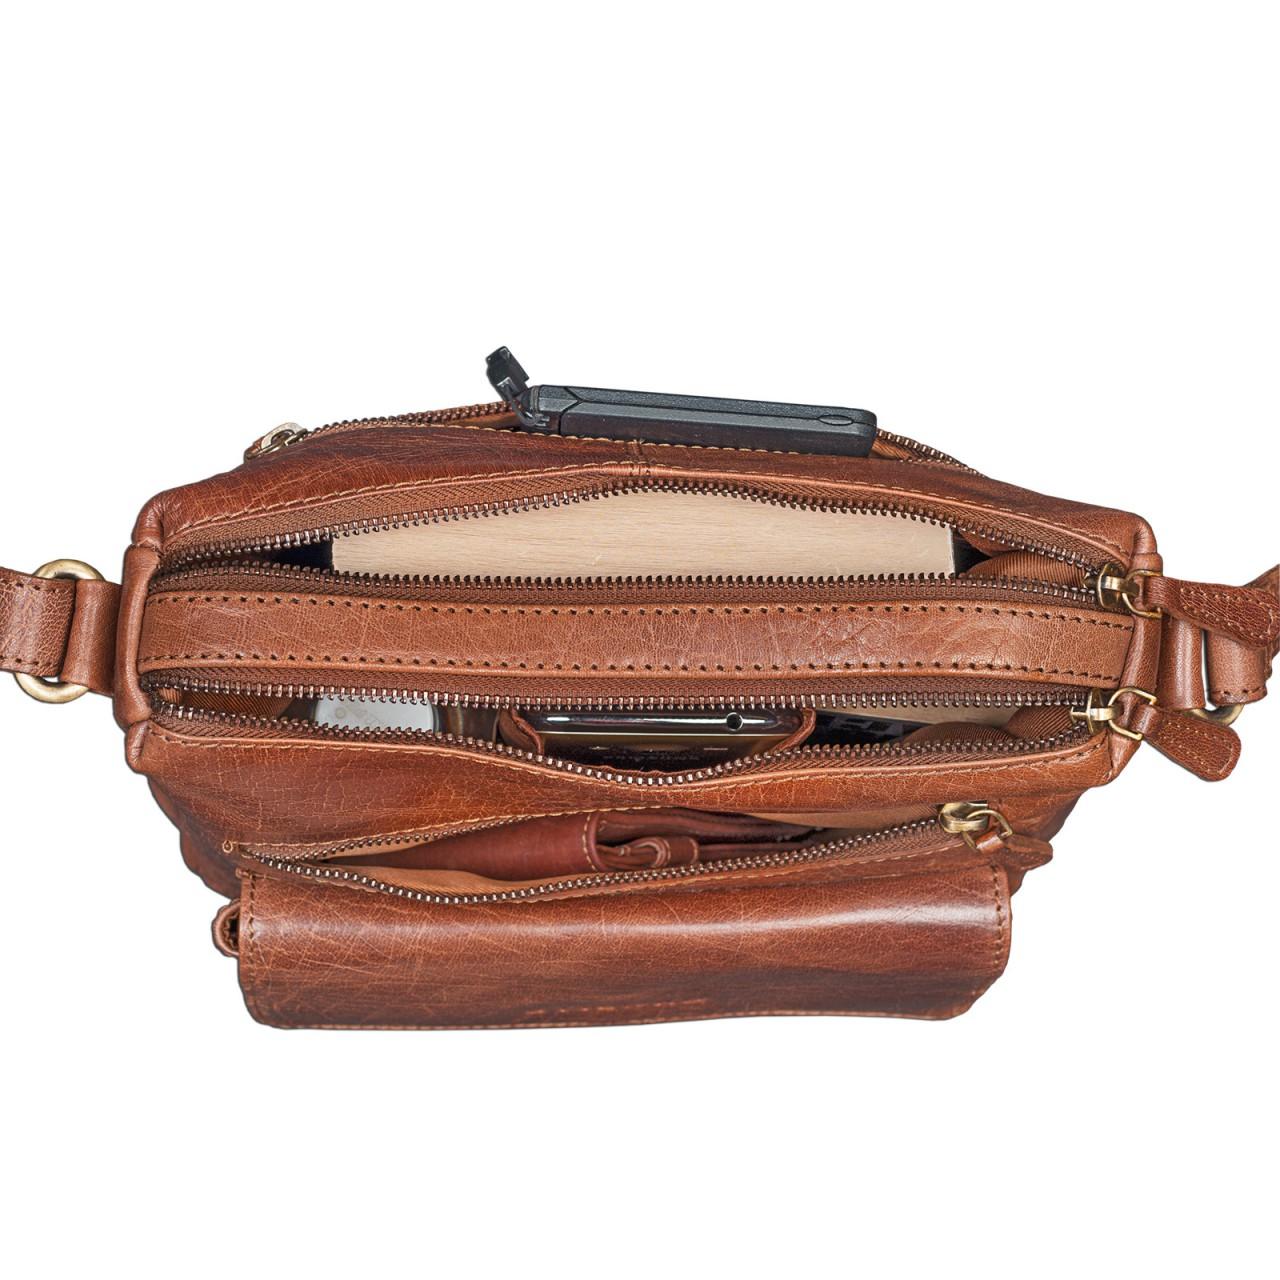 Täschchen Damen Handtasche Leder braun